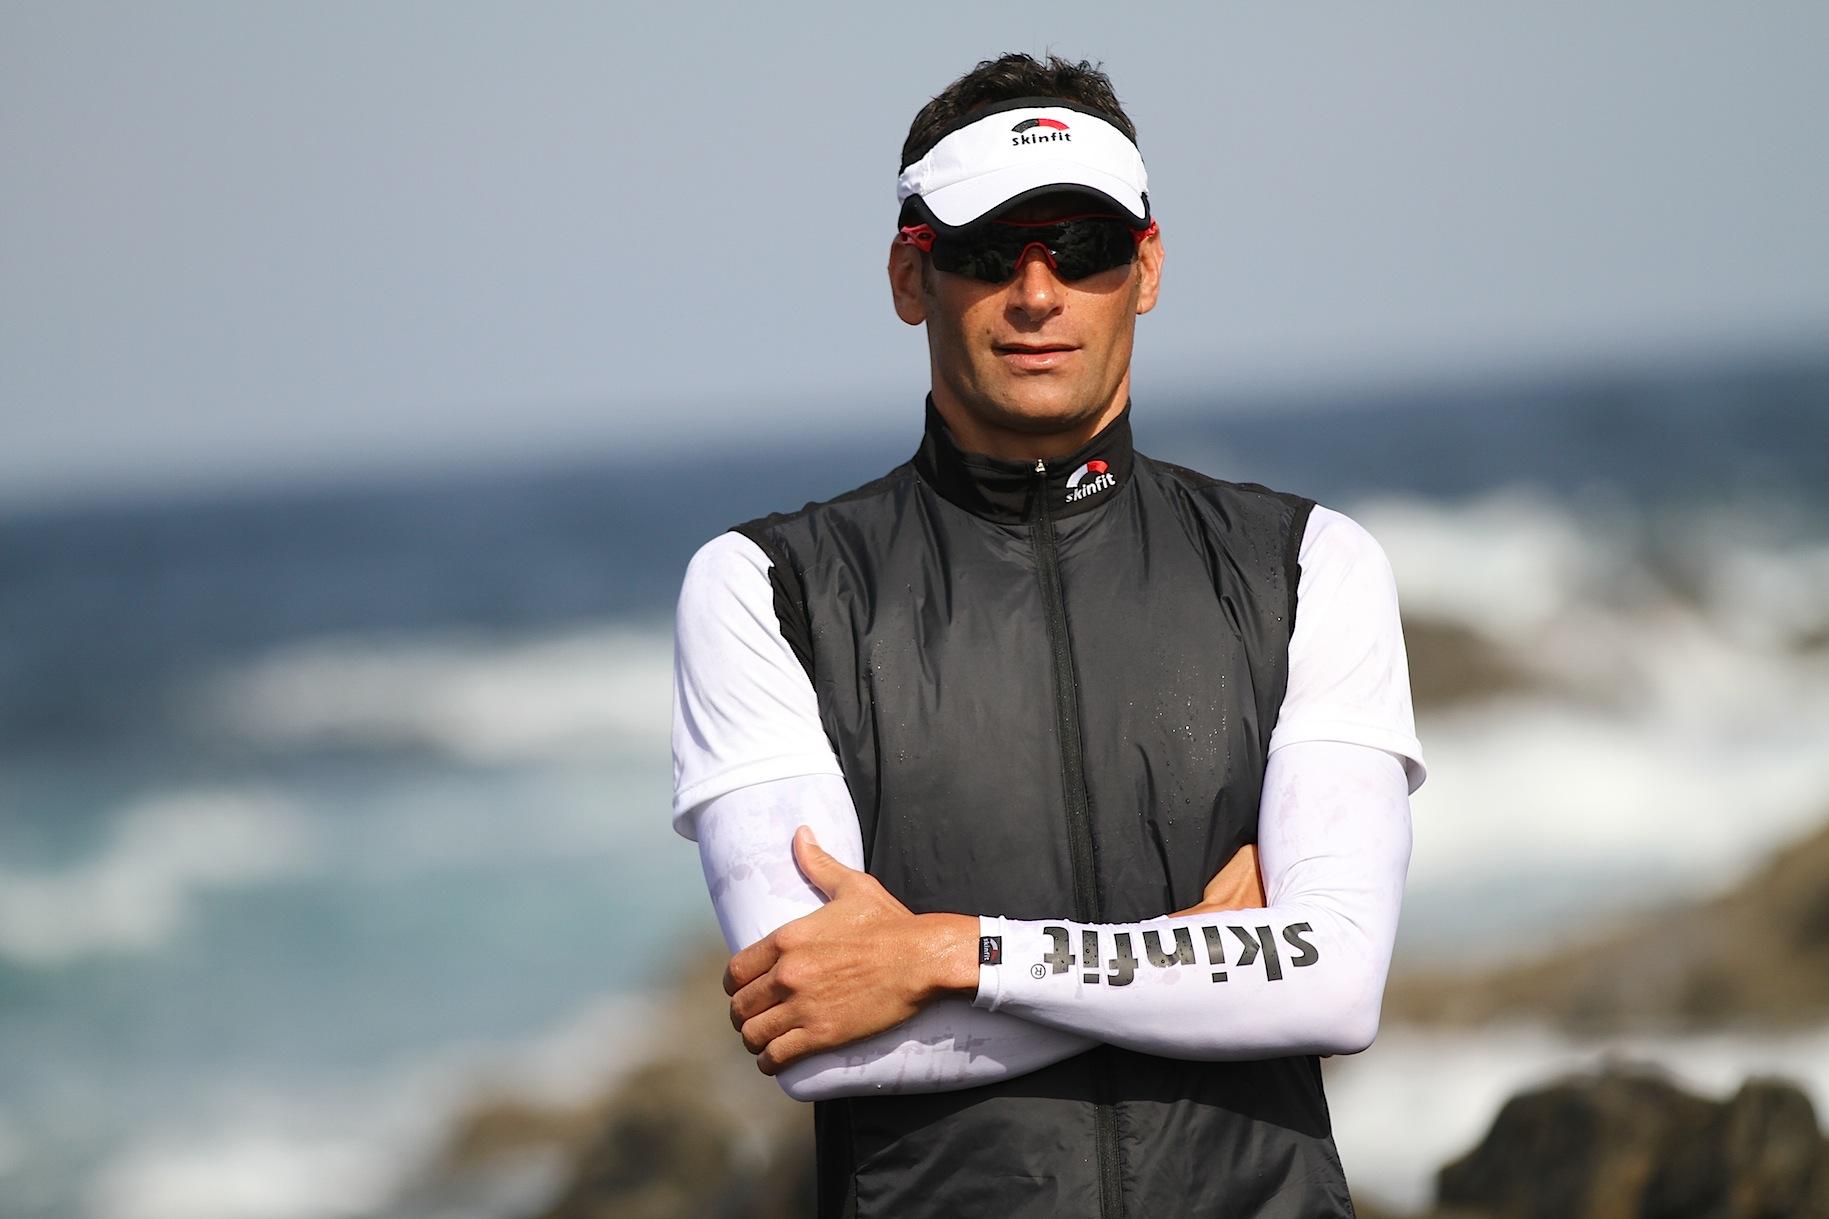 EAFIT partenaire du triathlon longue distance